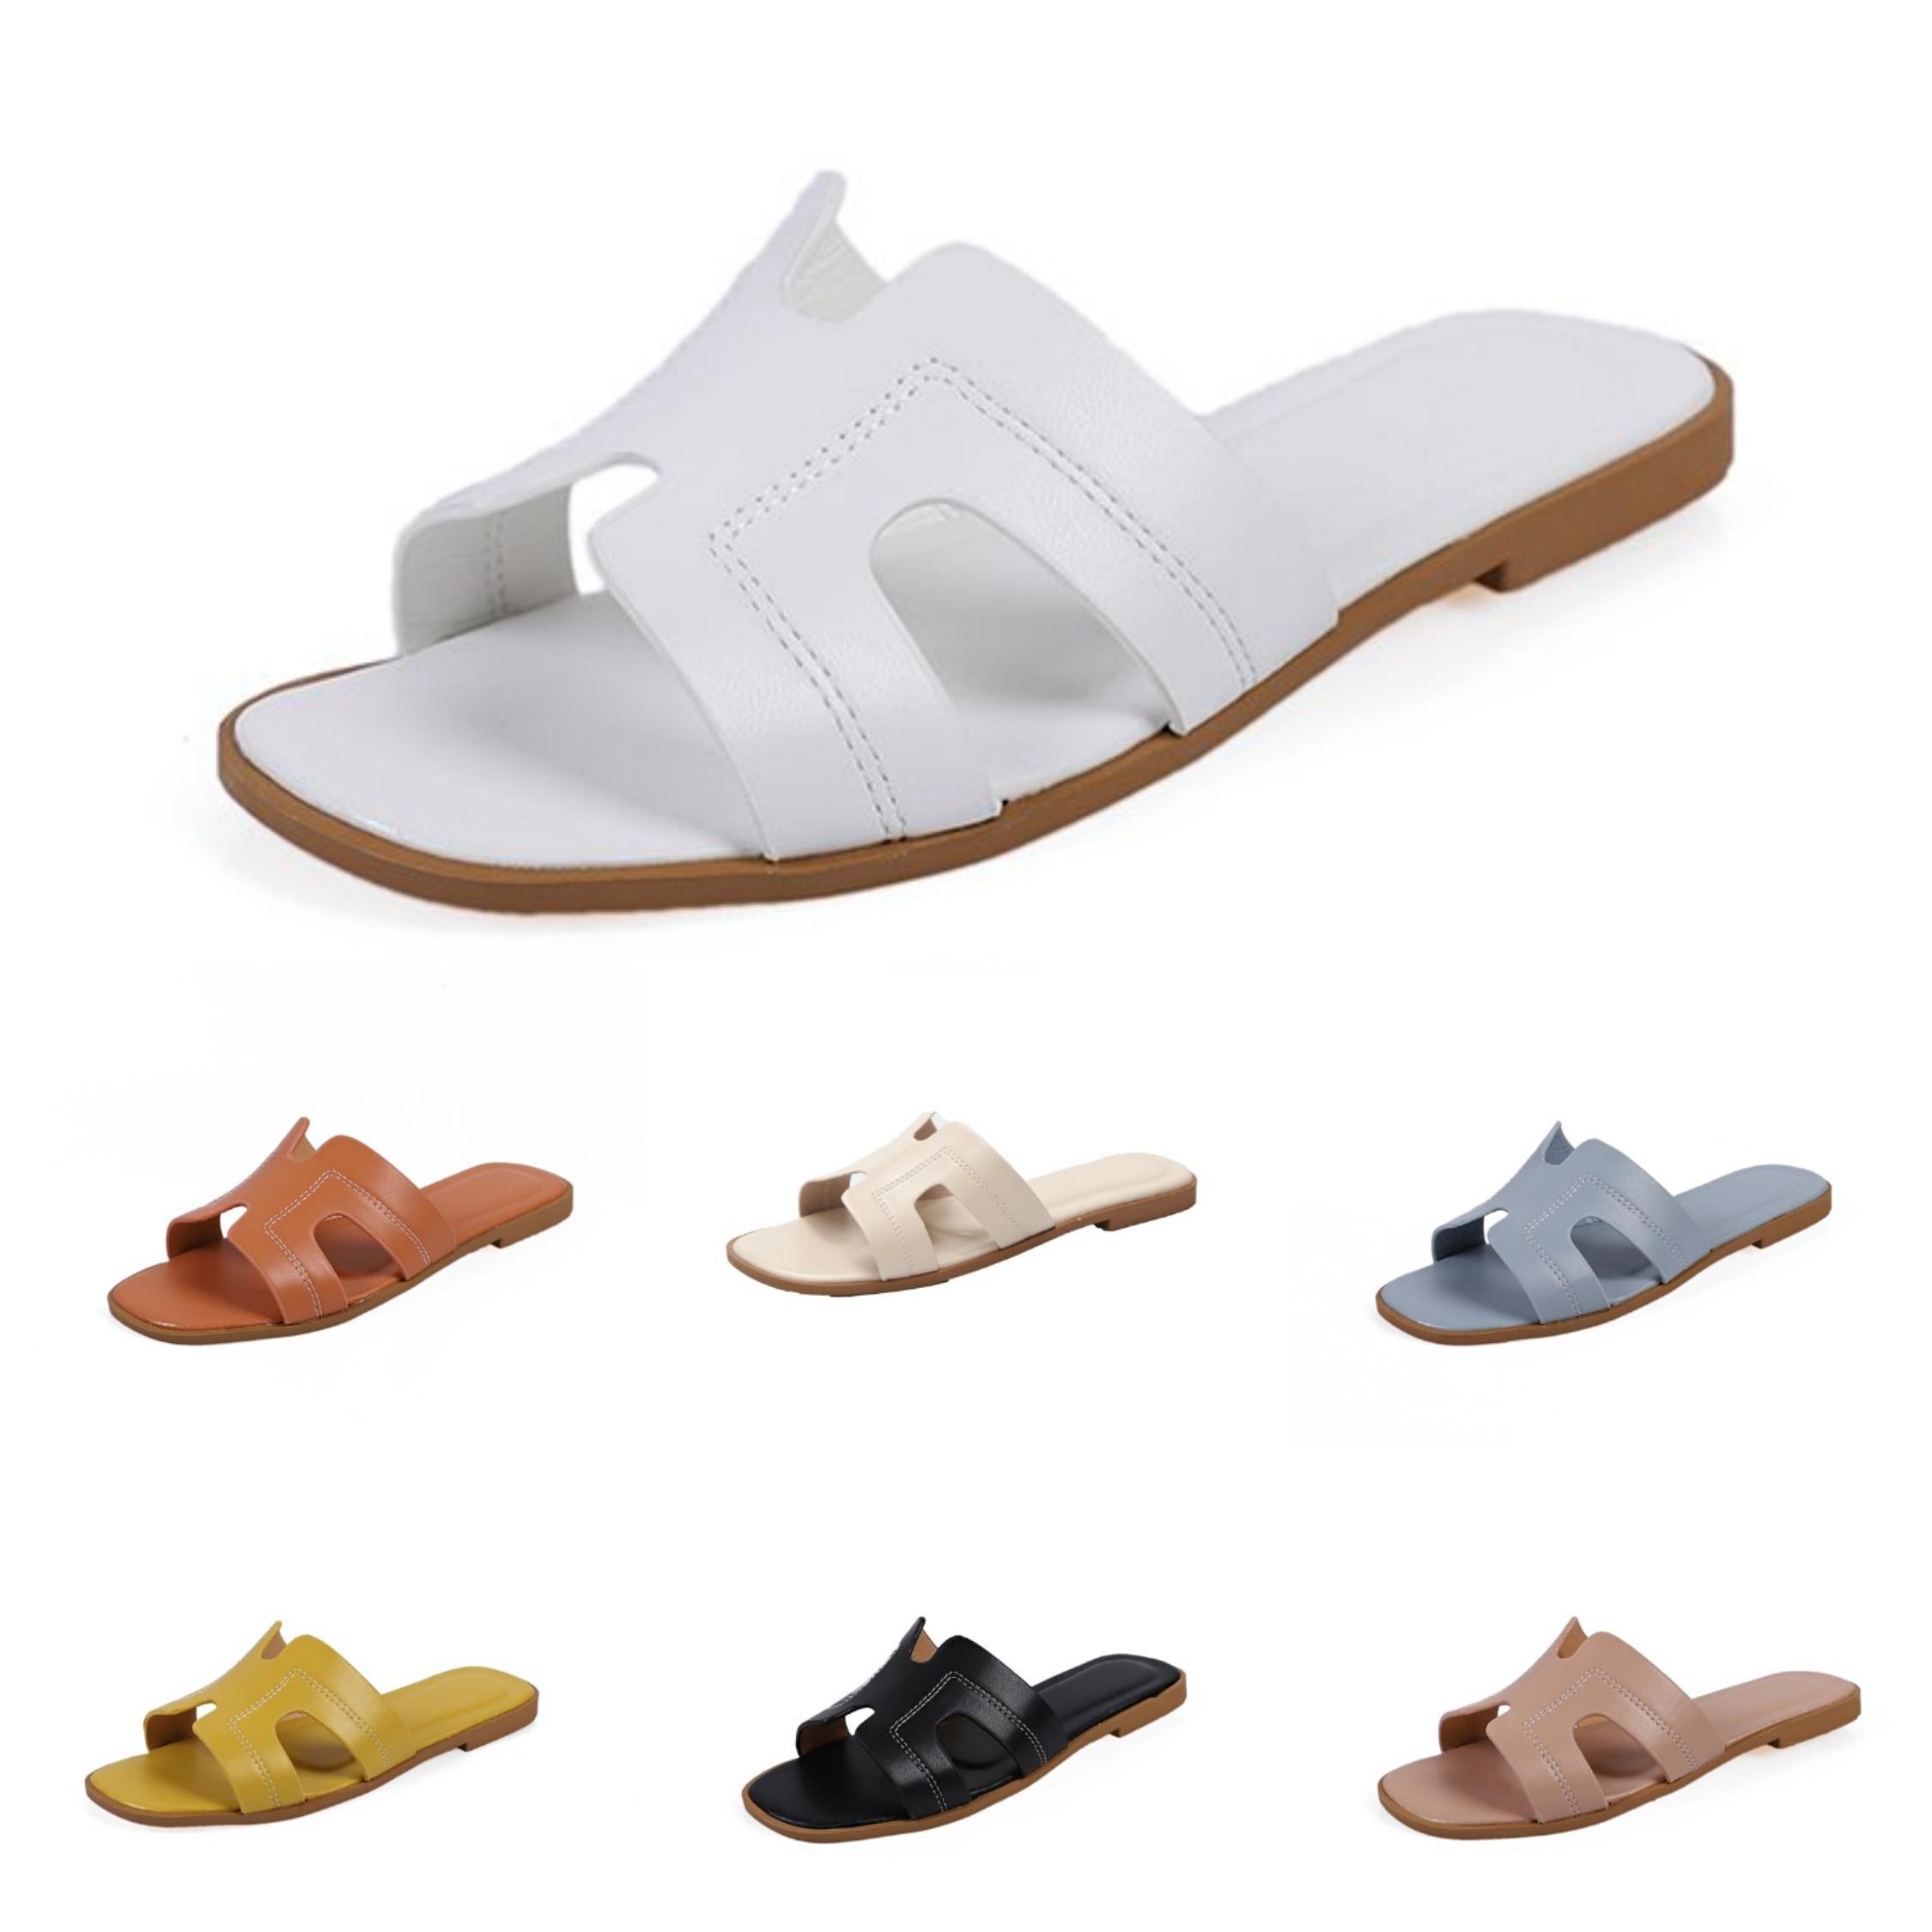 Med Moda Bayan Ayakkabı 2020 H Sandal Roman Terlik Temizle Topuklar Açık Burun Orta Bayanlar Gladyatör Terlik Kadınlar # 243